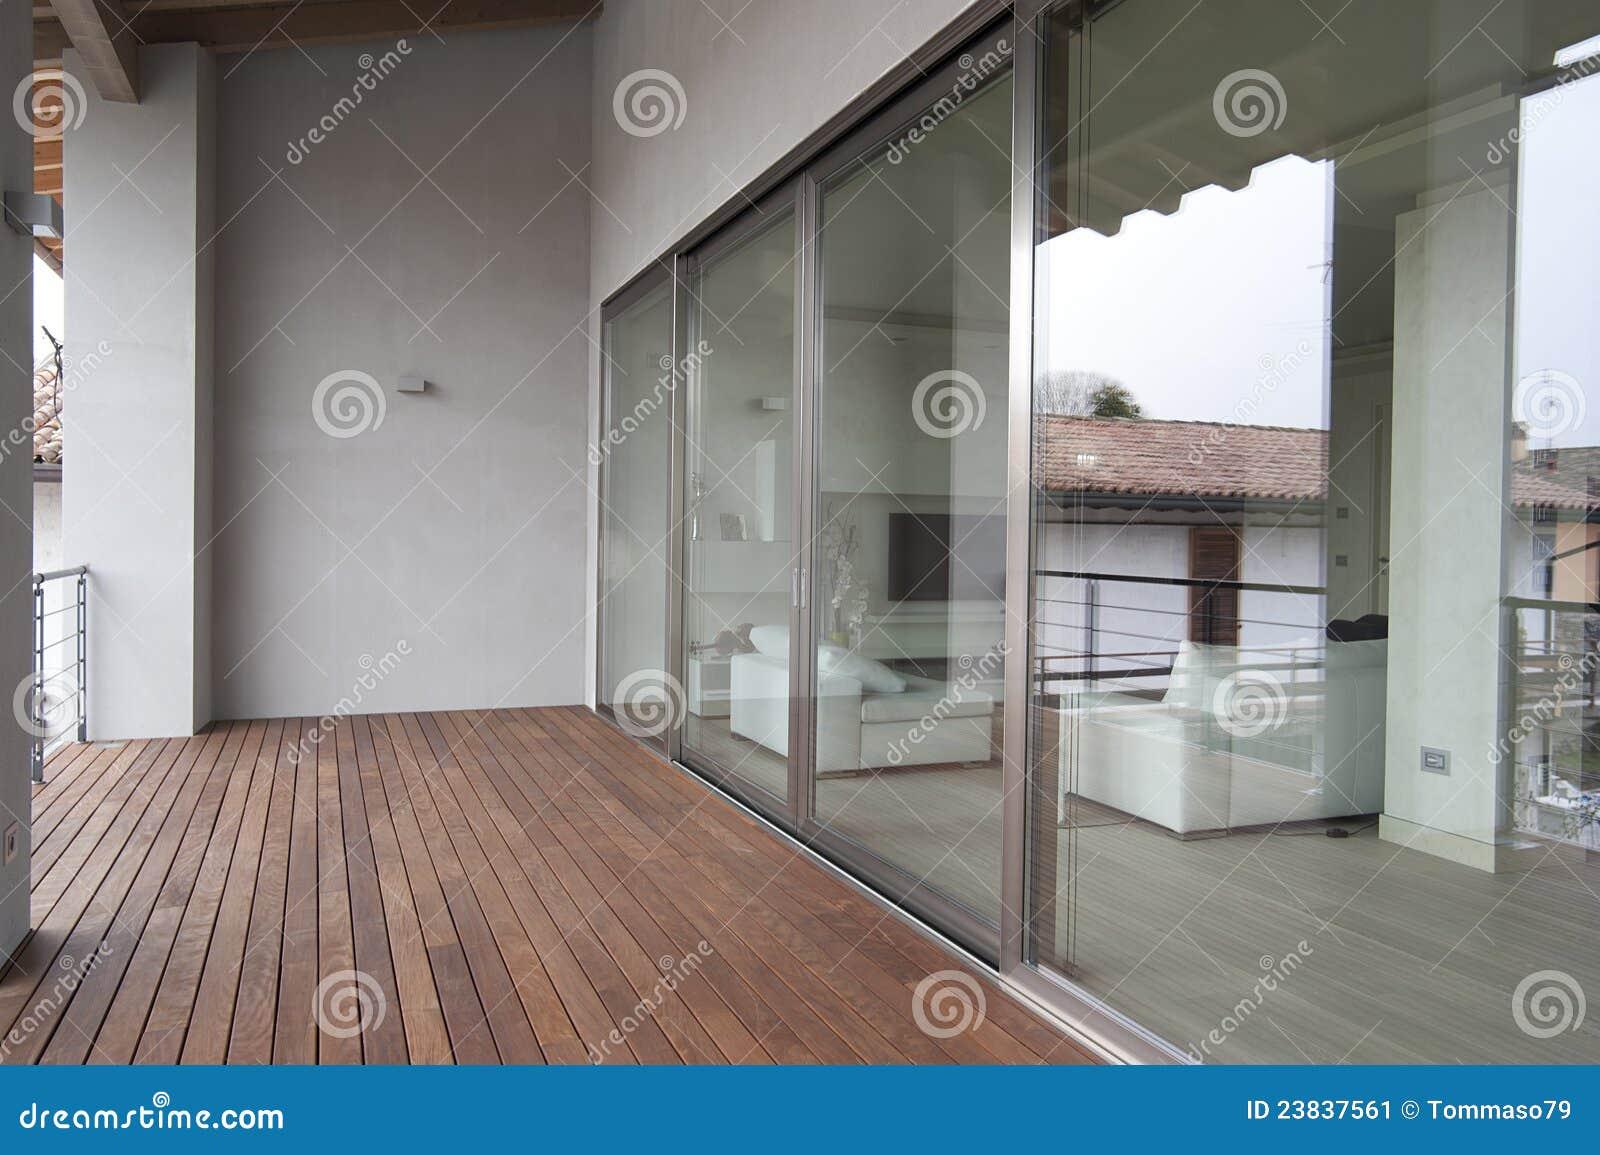 Patio disegno veranda : Vista di una veranda moderna con le grandi finestre ed il pavimento di ...